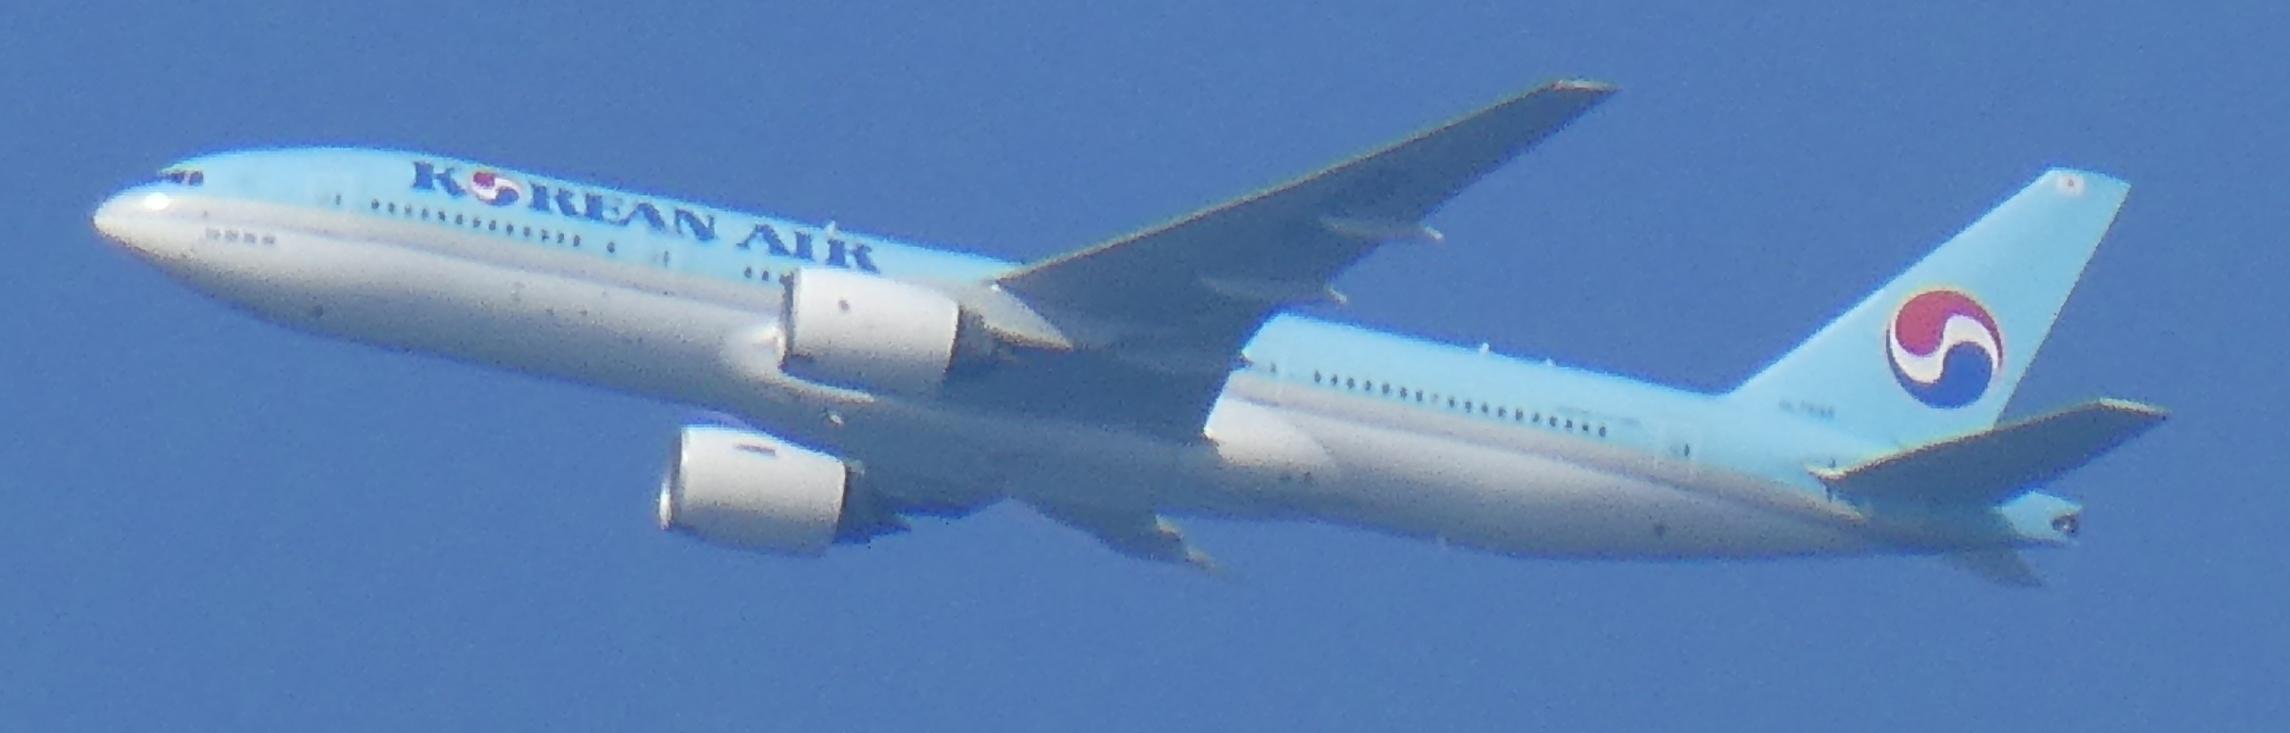 飛行機と遊ぶ_c0108460_15575450.jpg